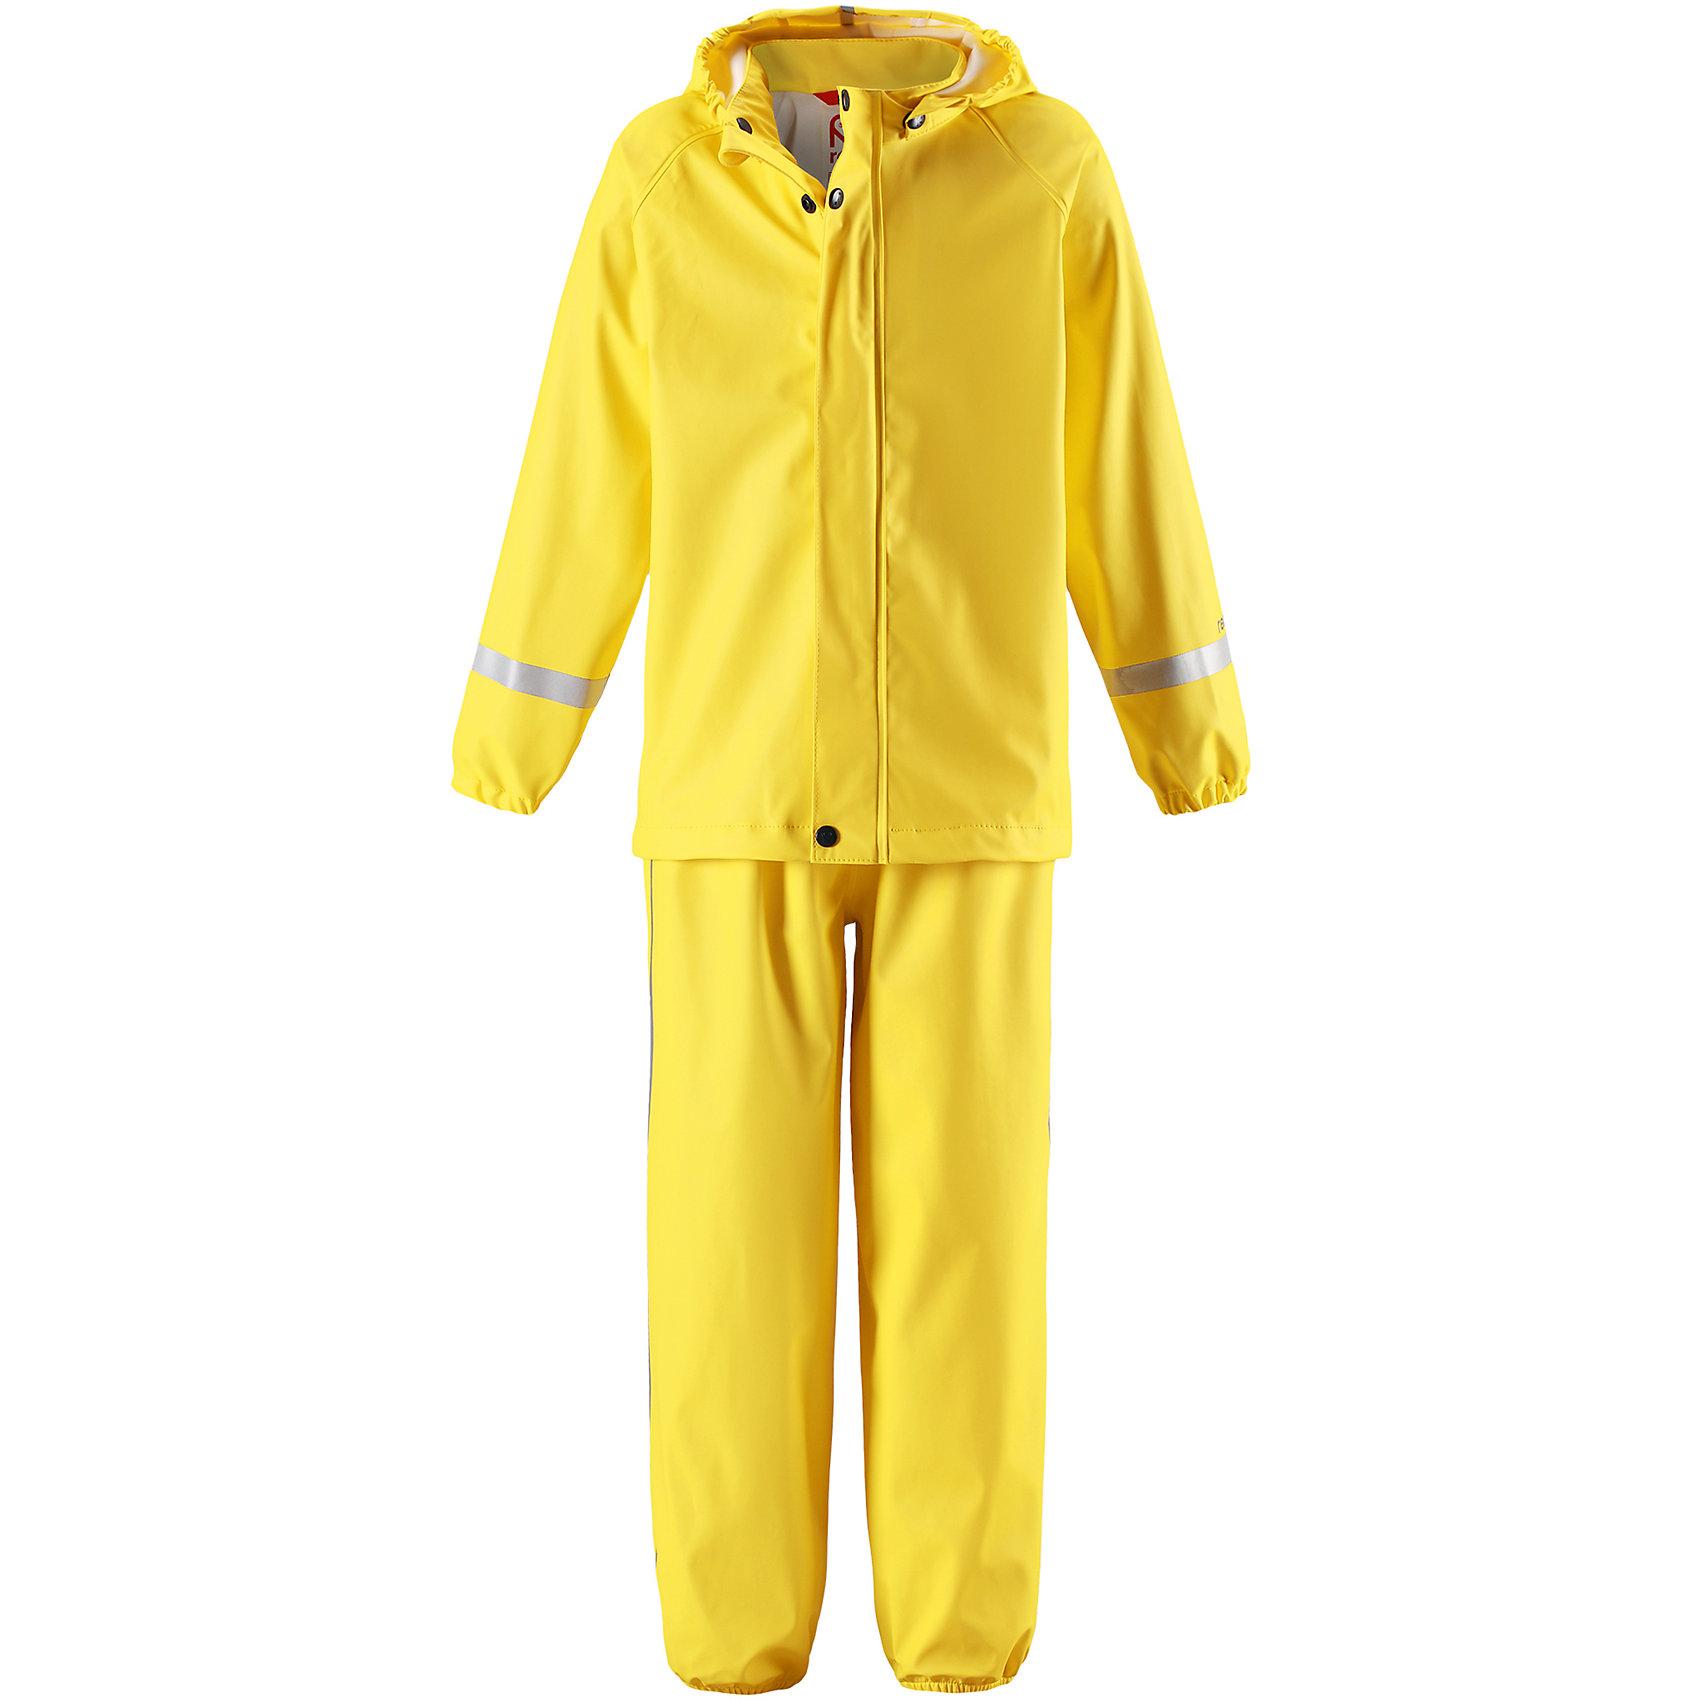 Непромокаемый комплект Viima: куртка и брюки ReimaОдежда<br>Характеристики товара:<br><br>• цвет: желтый<br>• состав: 100% полиэстер, полиуретановое покрытие<br>• температурный режим: от +10°до +20°С<br>• водонепроницаемость: 10000 мм<br>• без утеплителя<br>• комплектация: куртка, штаны<br>• эластичный материал<br>• водонепроницаемый материал с запаянными швами<br>• не содержит ПВХ<br>• безопасный съемный капюшон<br>• эластичные манжеты <br>• обхват талии эластичный<br>• эластичные манжеты на брючинах<br>• комфортная посадка<br>• съемные штрипки в размерах от 104 до 128 см<br>• молния спереди<br>• светоотражающие детали<br>• страна производства: Китай<br>• страна бренда: Финляндия<br>• коллекция: весна-лето 2017<br><br>Демисезонный комплект из куртки и штанов поможет обеспечить ребенку комфорт и тепло. Предметы отлично смотрятся с различной одеждой. Комплект удобно сидит и модно выглядит. Материал отлично подходит для дождливой погоды. Стильный дизайн разрабатывался специально для детей.<br><br>Обувь и одежда от финского бренда Reima пользуются популярностью во многих странах. Они стильные, качественные и удобные. Для производства продукции используются только безопасные, проверенные материалы и фурнитура. Порадуйте ребенка модными и красивыми вещами от Lassie®! <br><br>Комплект: куртка и брюки для мальчика от финского бренда Reima (Рейма) можно купить в нашем интернет-магазине.<br><br>Ширина мм: 356<br>Глубина мм: 10<br>Высота мм: 245<br>Вес г: 519<br>Цвет: желтый<br>Возраст от месяцев: 108<br>Возраст до месяцев: 120<br>Пол: Унисекс<br>Возраст: Детский<br>Размер: 116,122,128,134,140<br>SKU: 5268228